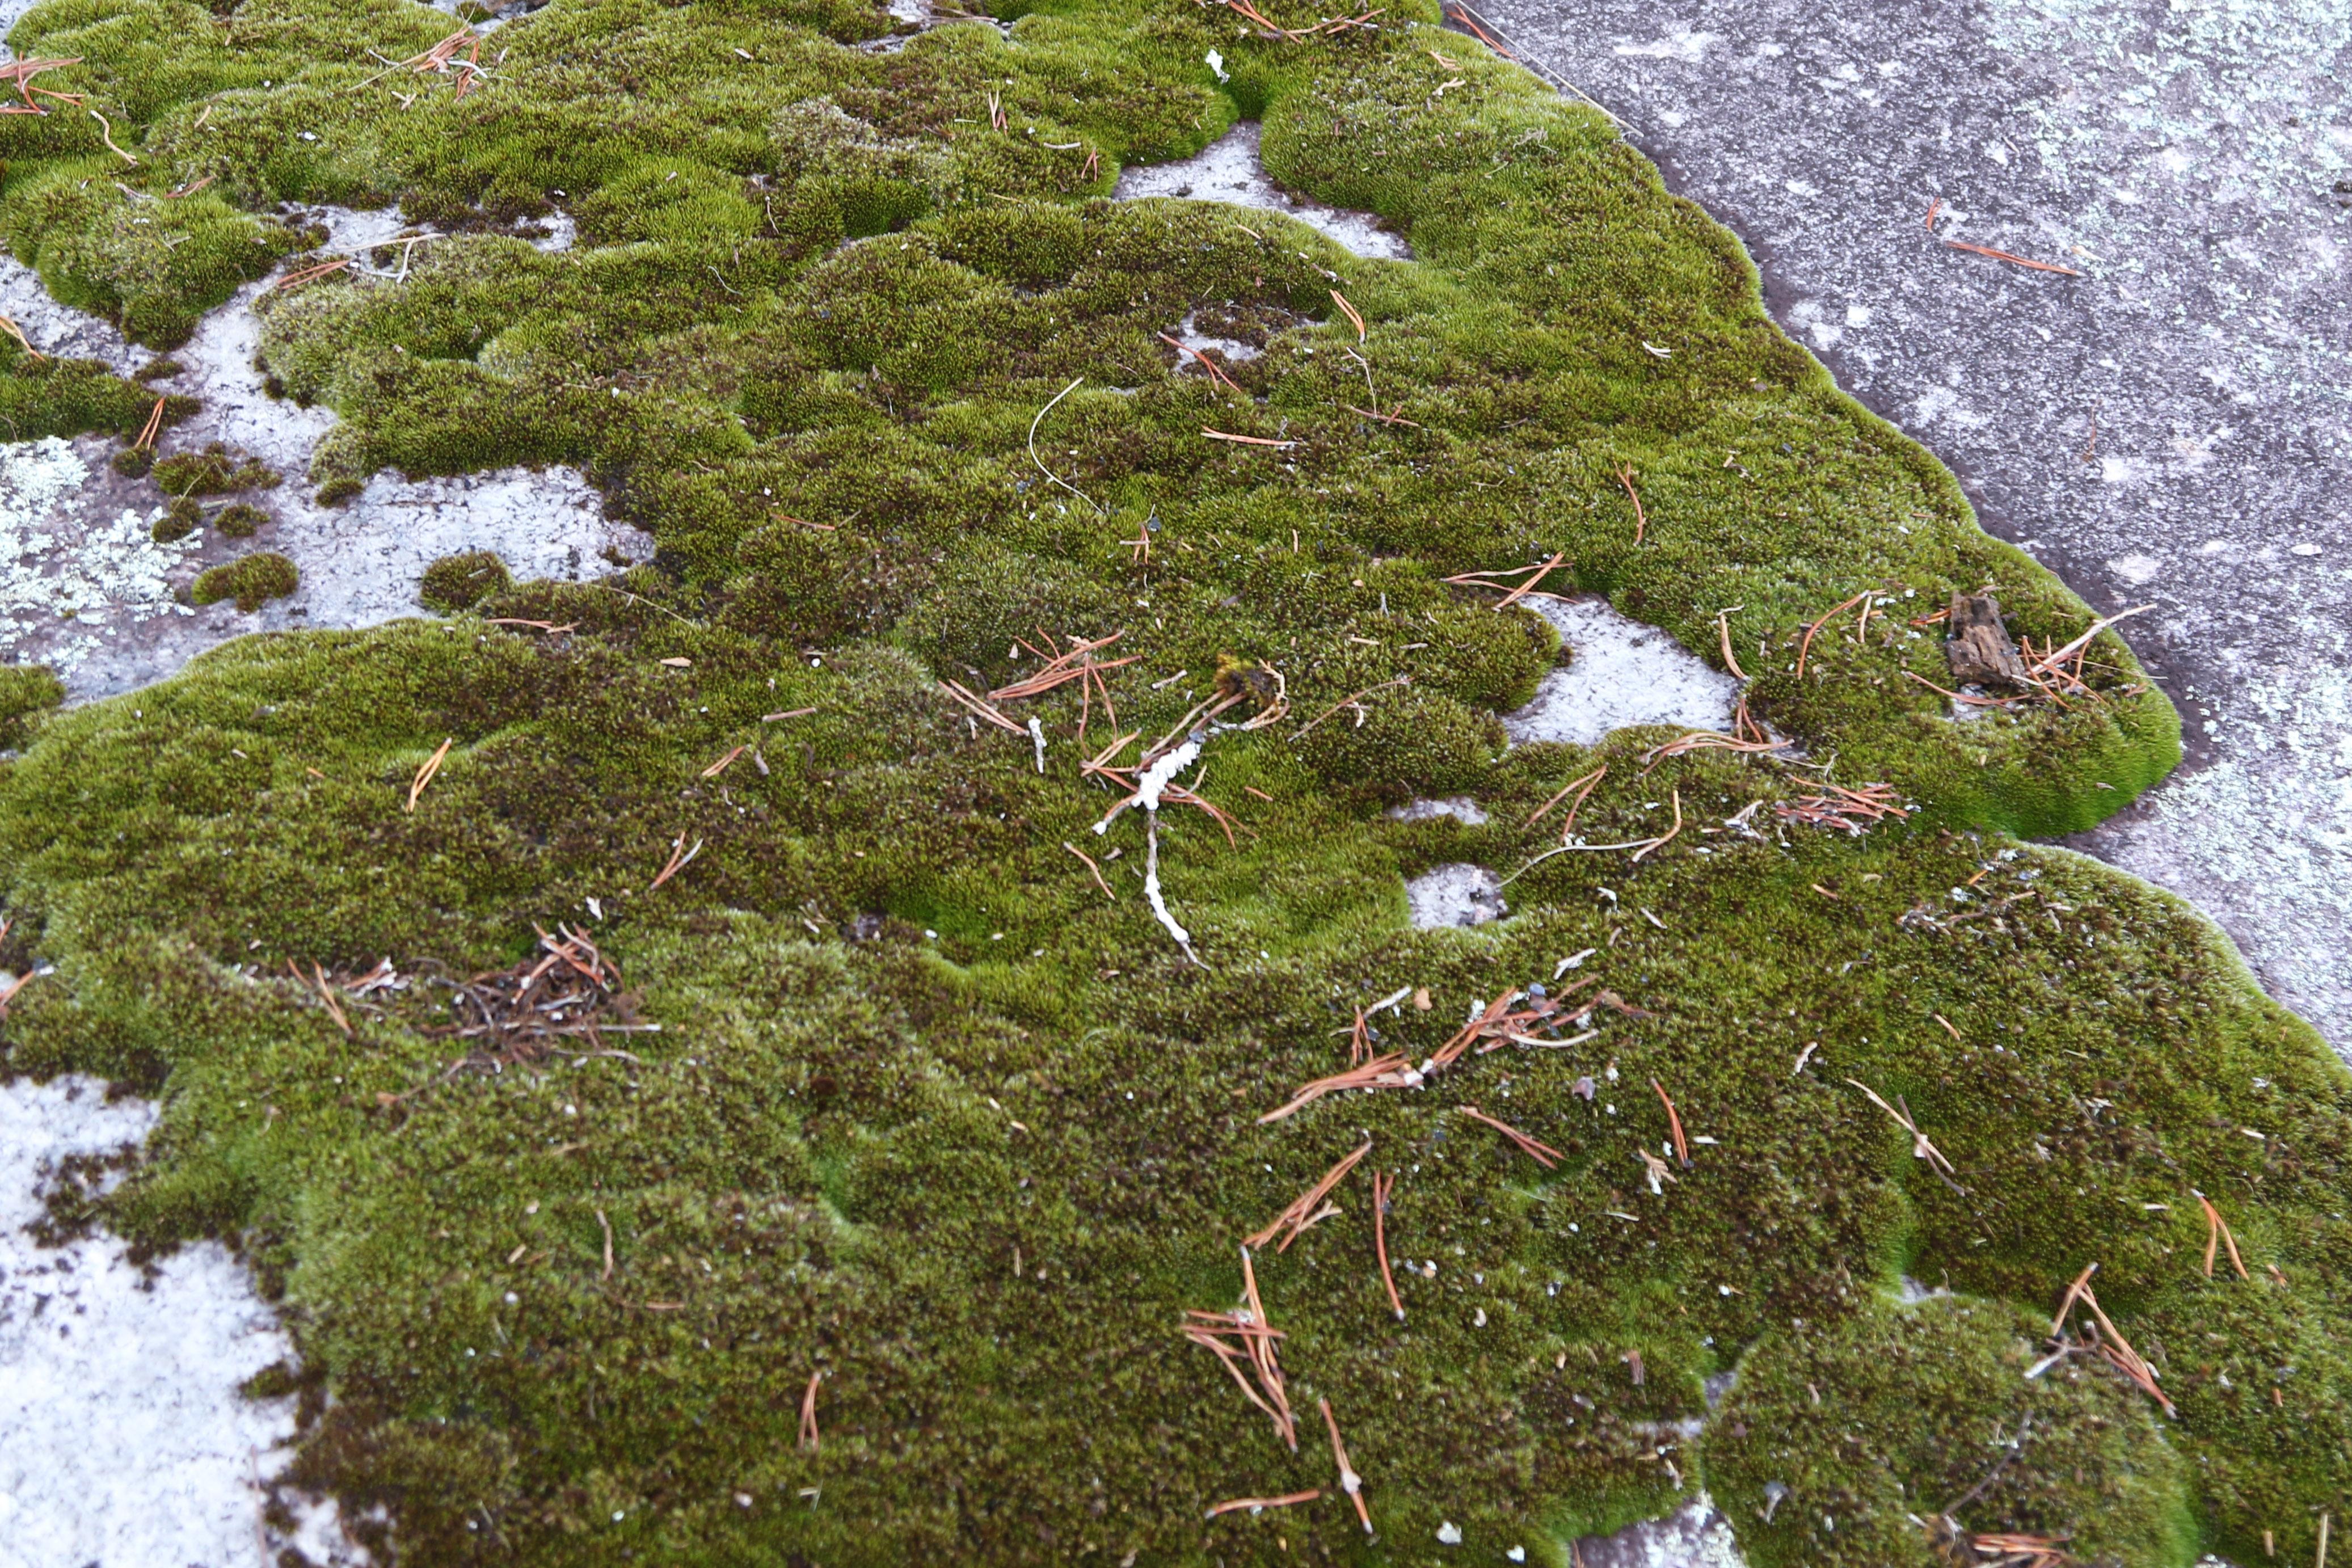 Green moss growing on flat rocks